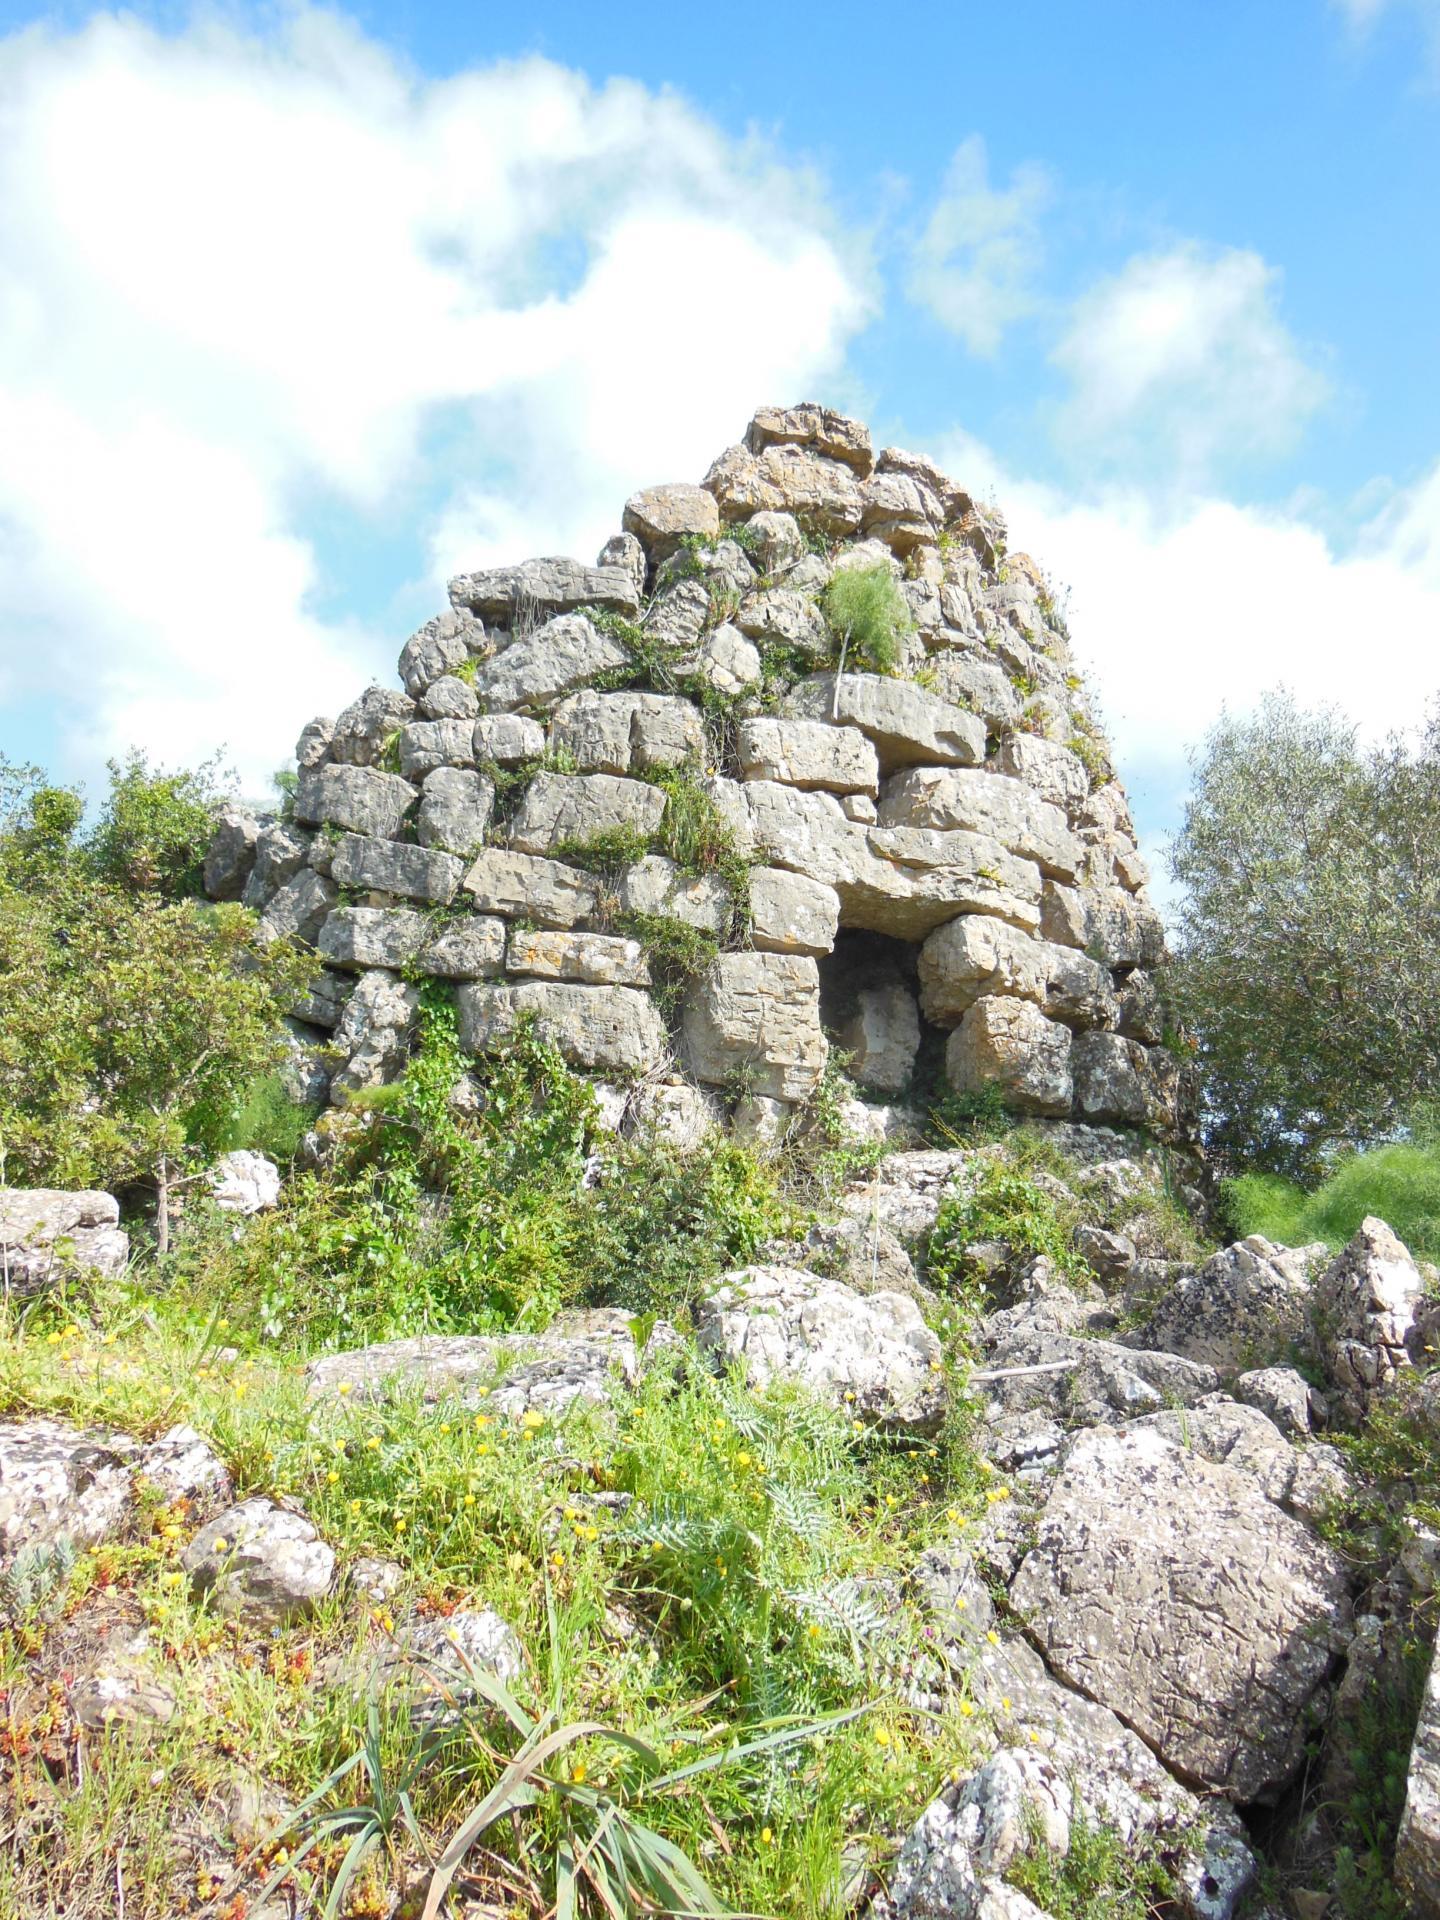 Sardinian Stone Tower